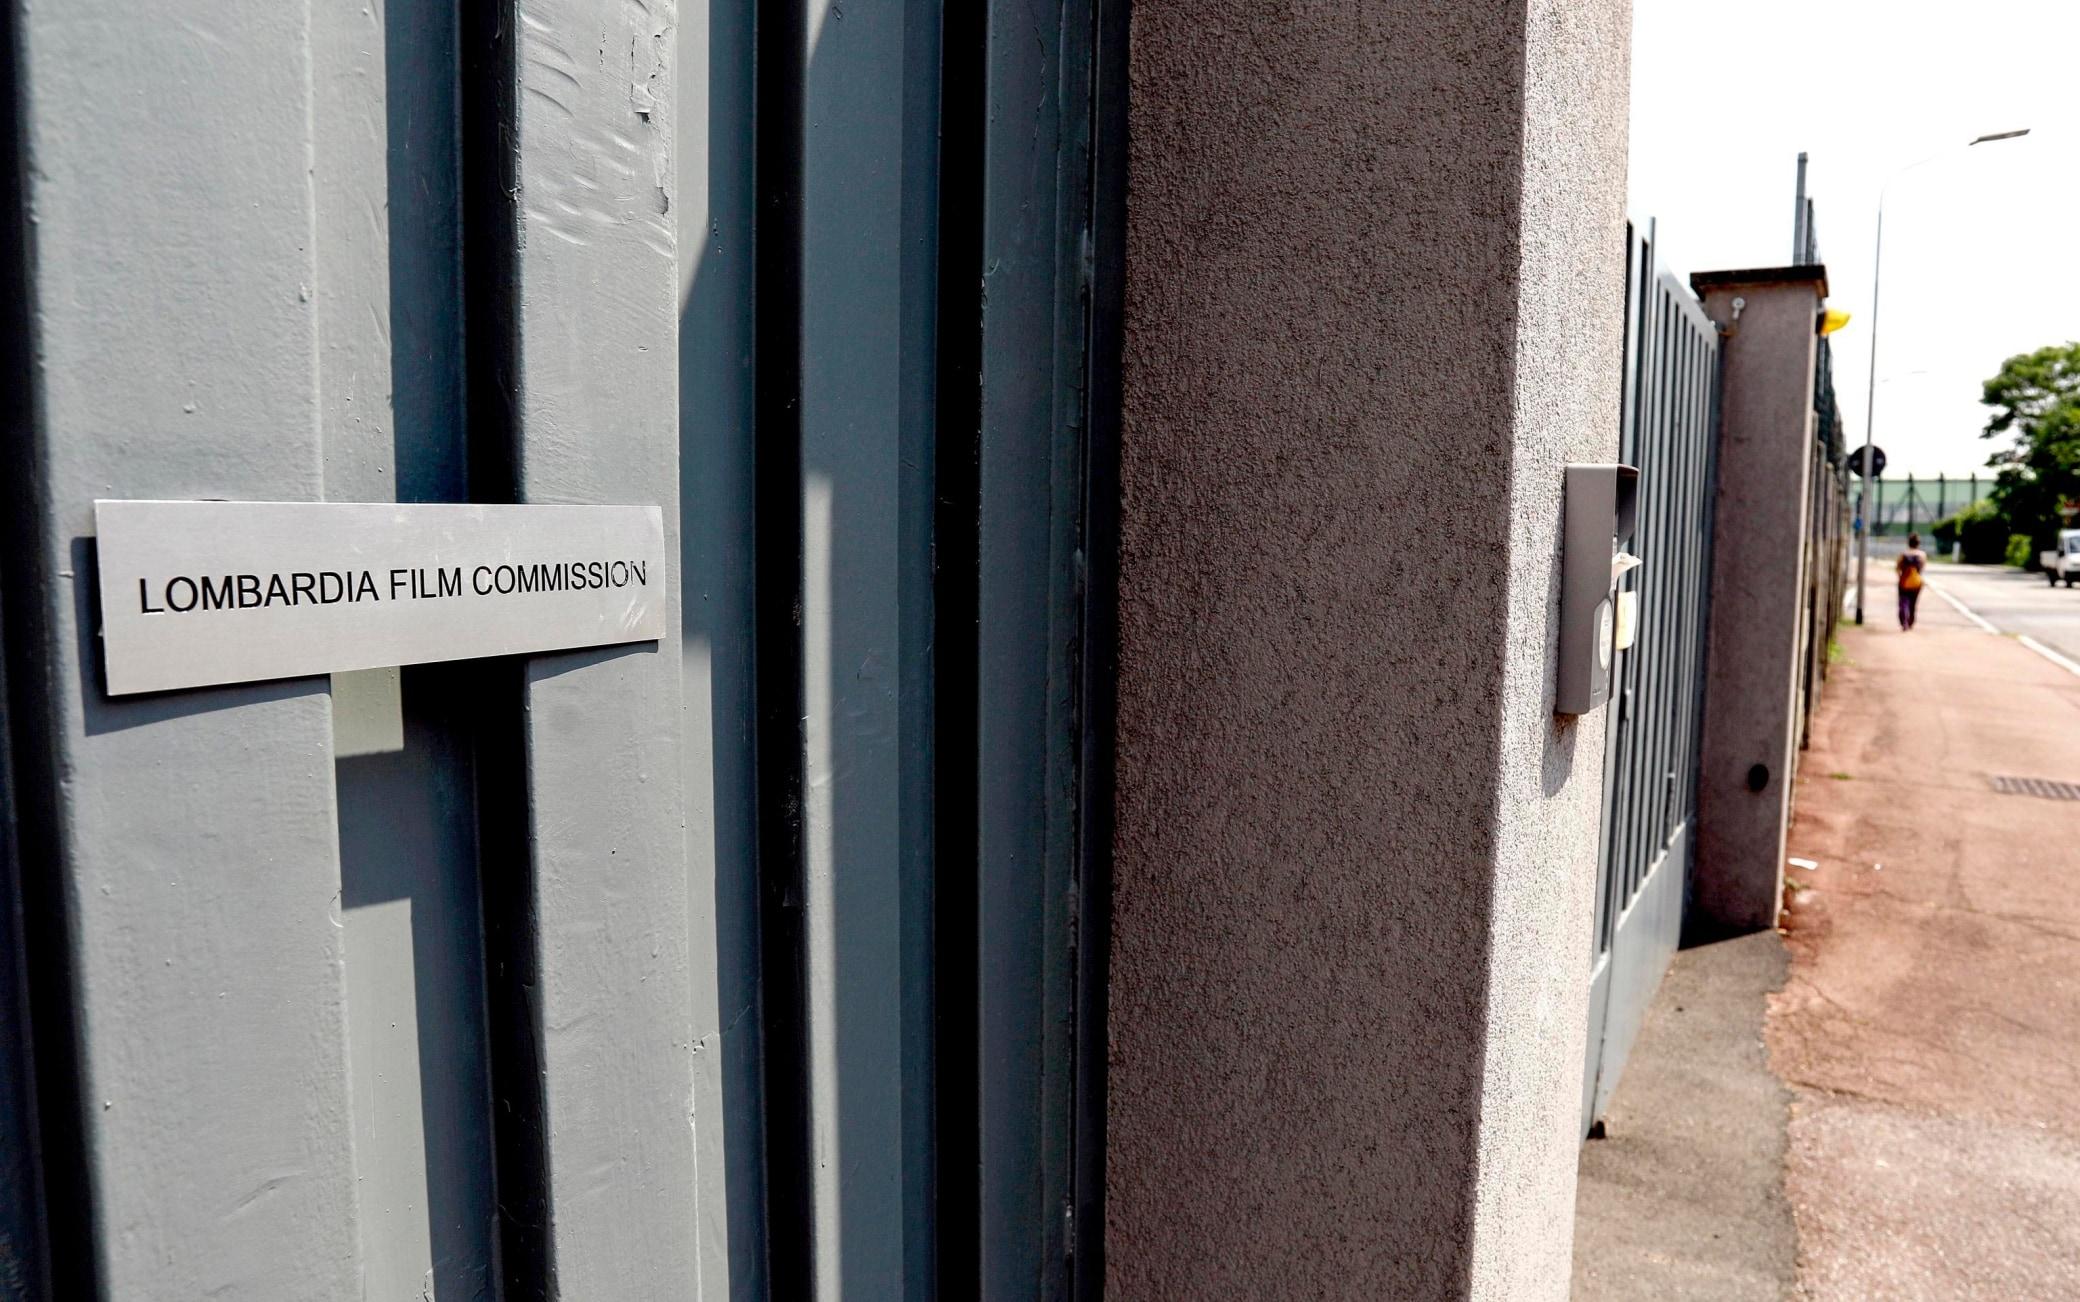 Lombardia Film Commission, gip boccia richiesta perizia sul capannone